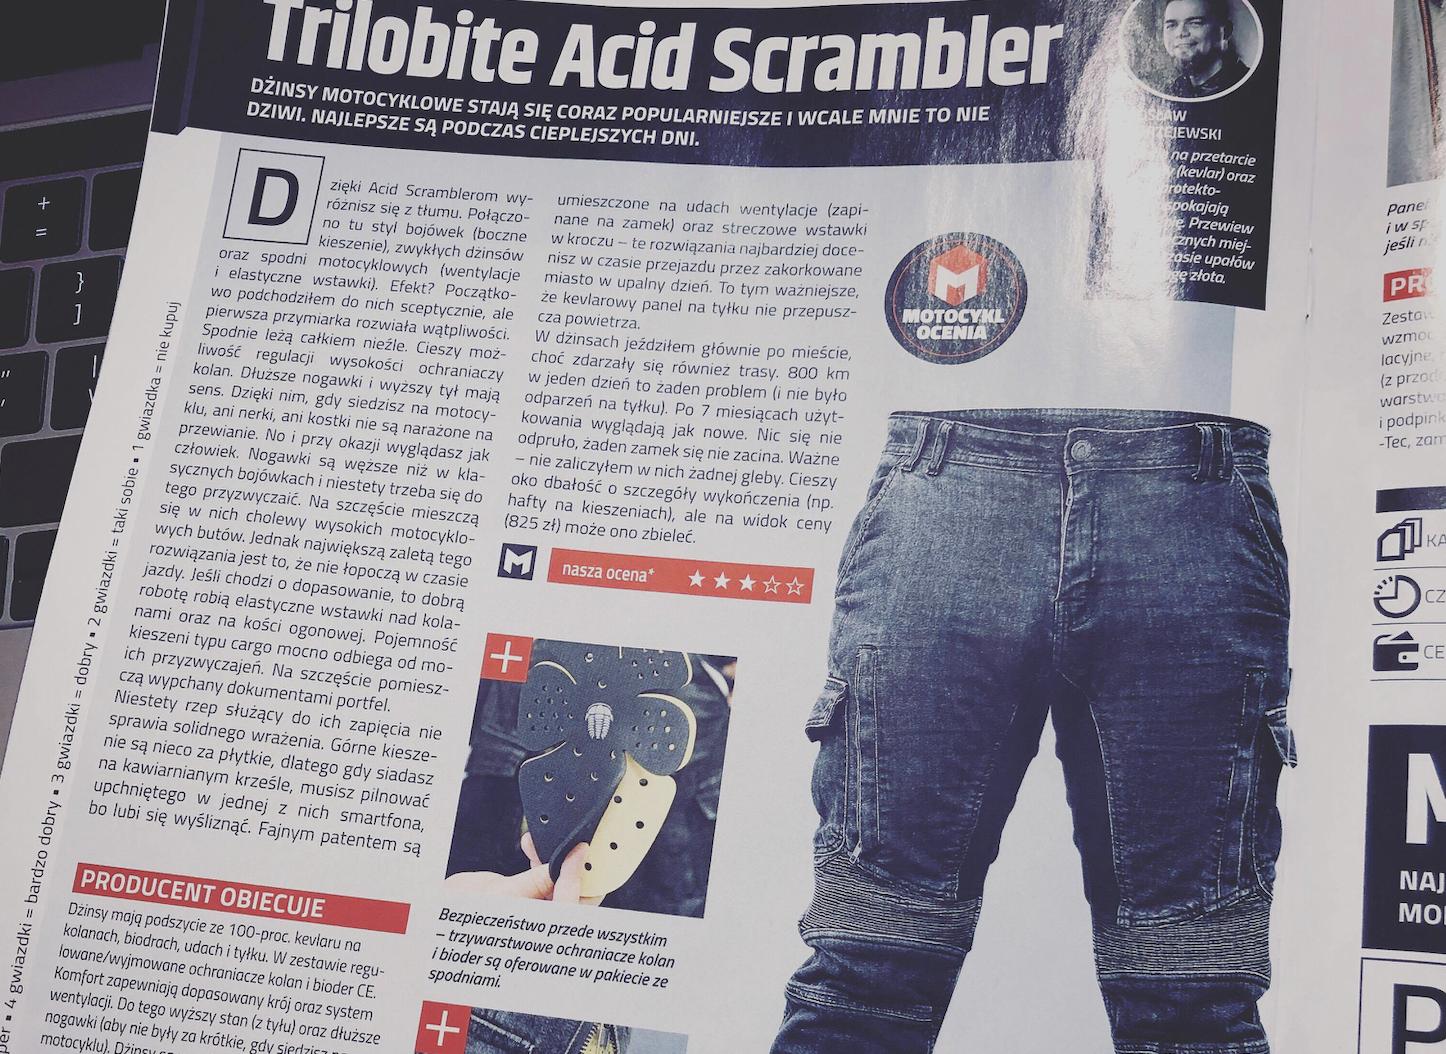 Sprawdźcie jak poradziły sobie spodnie TRILOBITE ACID SCRAMBLER podczas 7 miesięcznego testu.